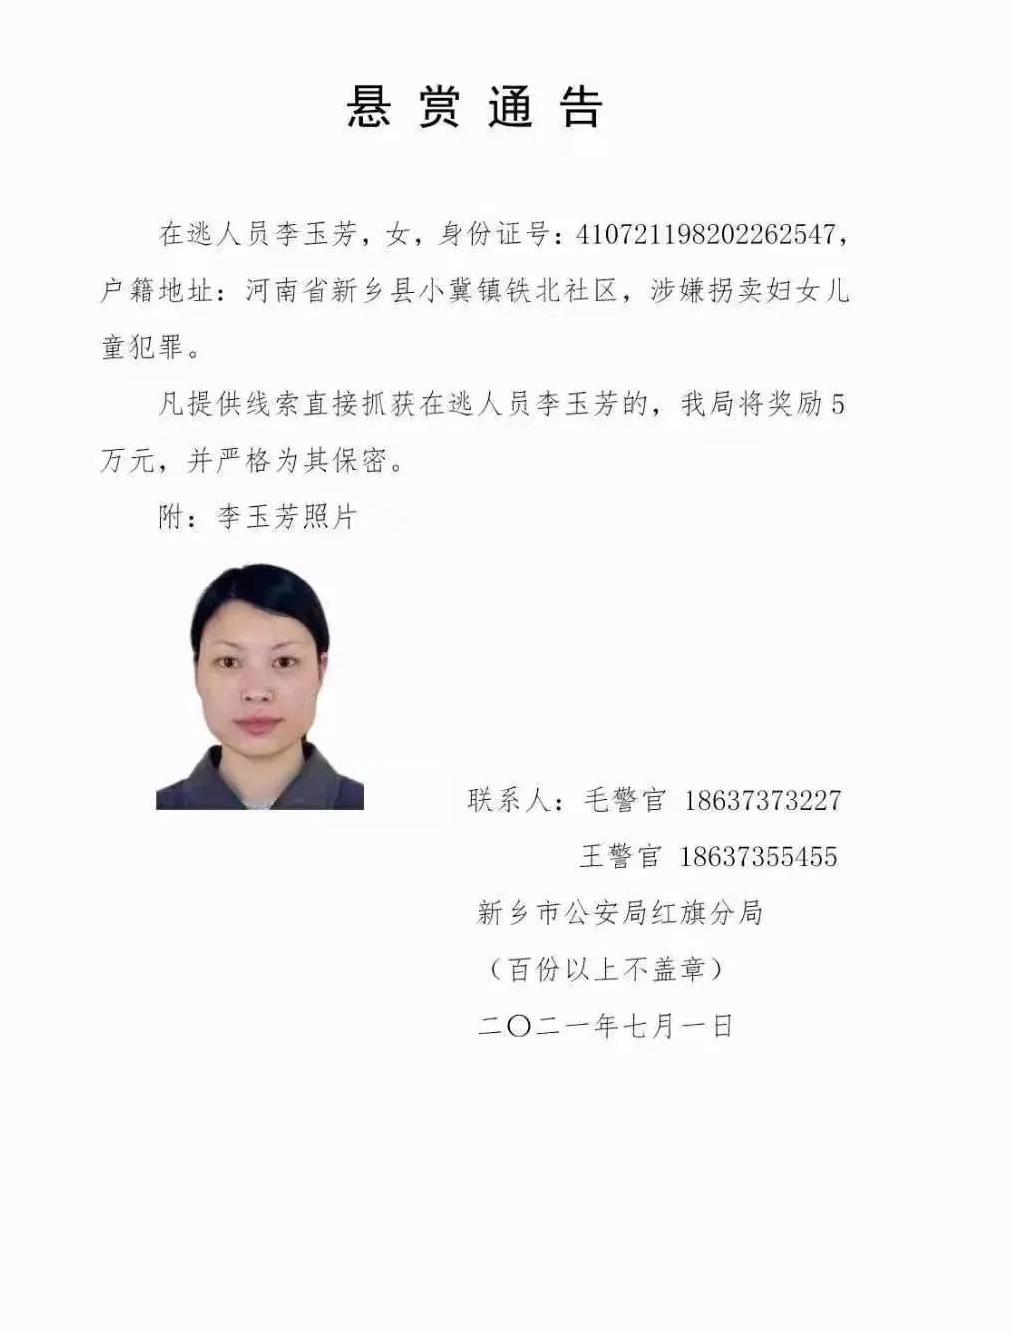 女子涉嫌拐卖妇女儿童 新乡警方悬赏5万征线索